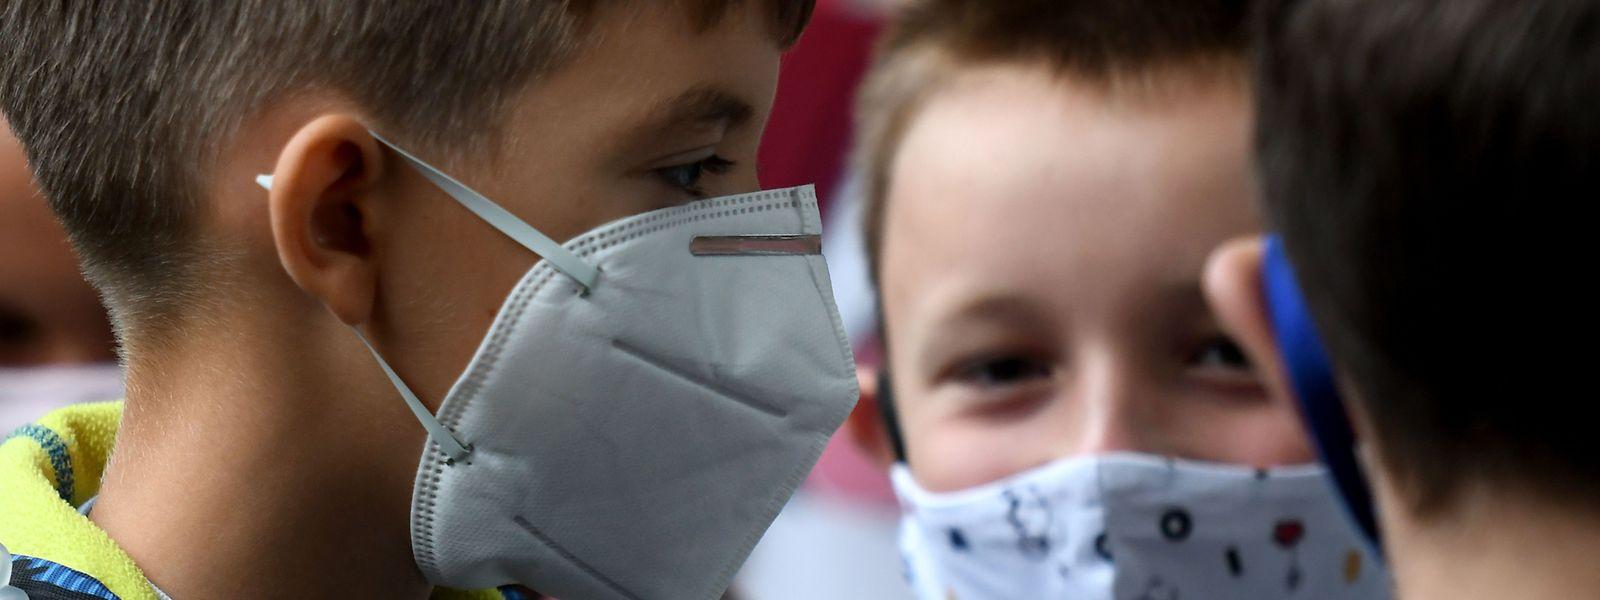 Le doute plane, à ce jour, sur les effets de la nouvelle souche du virus sur les plus jeunes. Ce qui pousse la direction de la Santé au Luxembourg à se montrer très prudente sur la question.